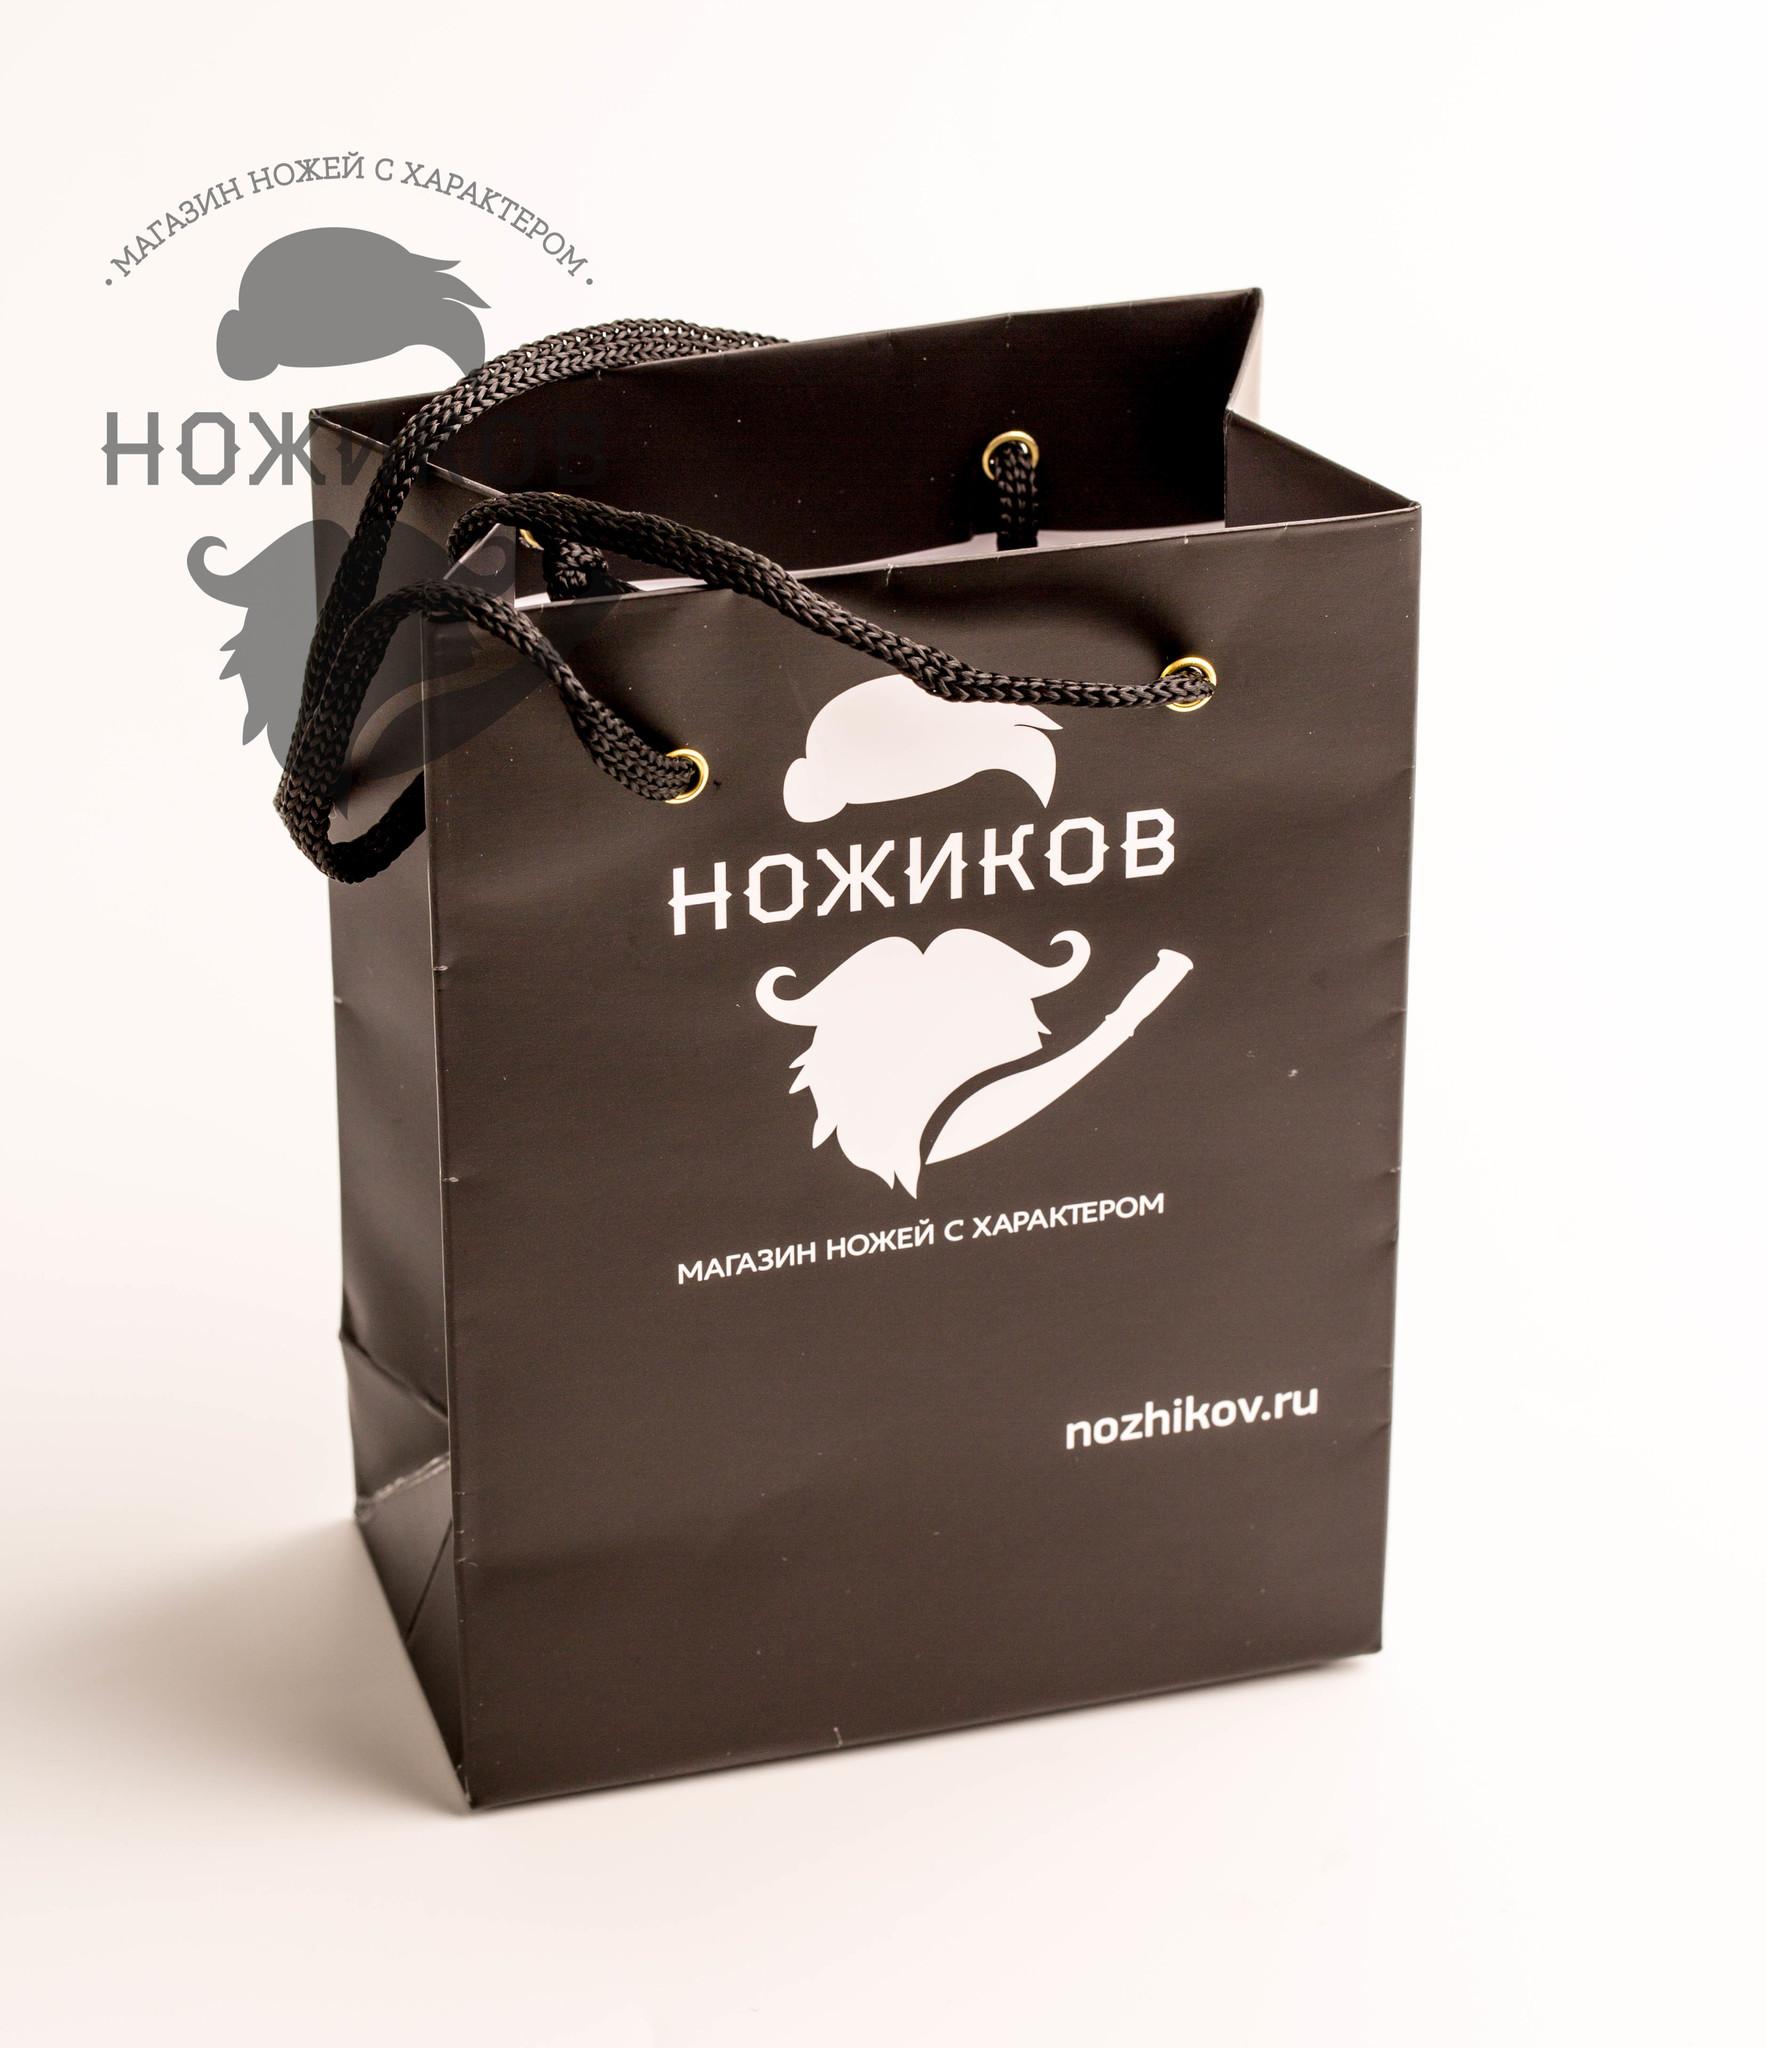 Фото 7 - Подарочный пакет для складного ножа от Nozhikov